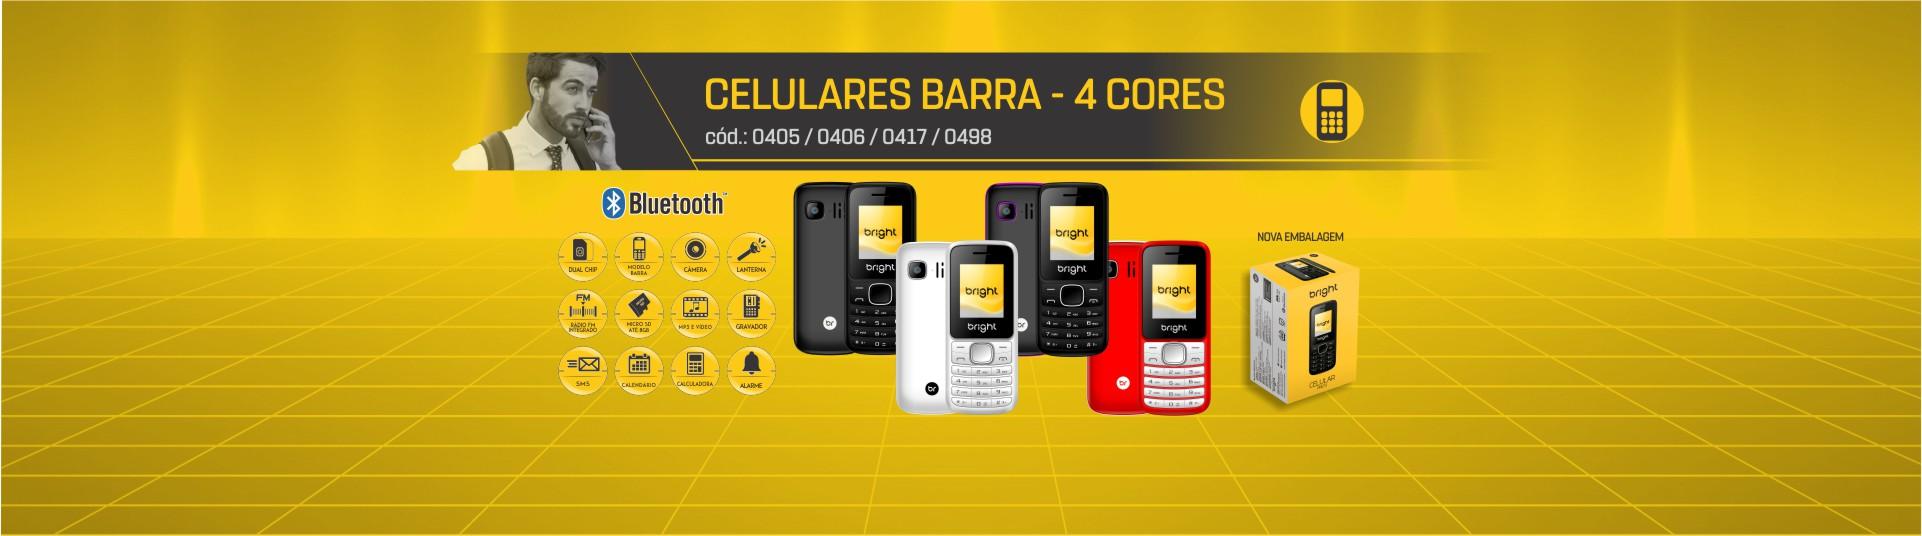 banner_BRIGHT_celulares-barra